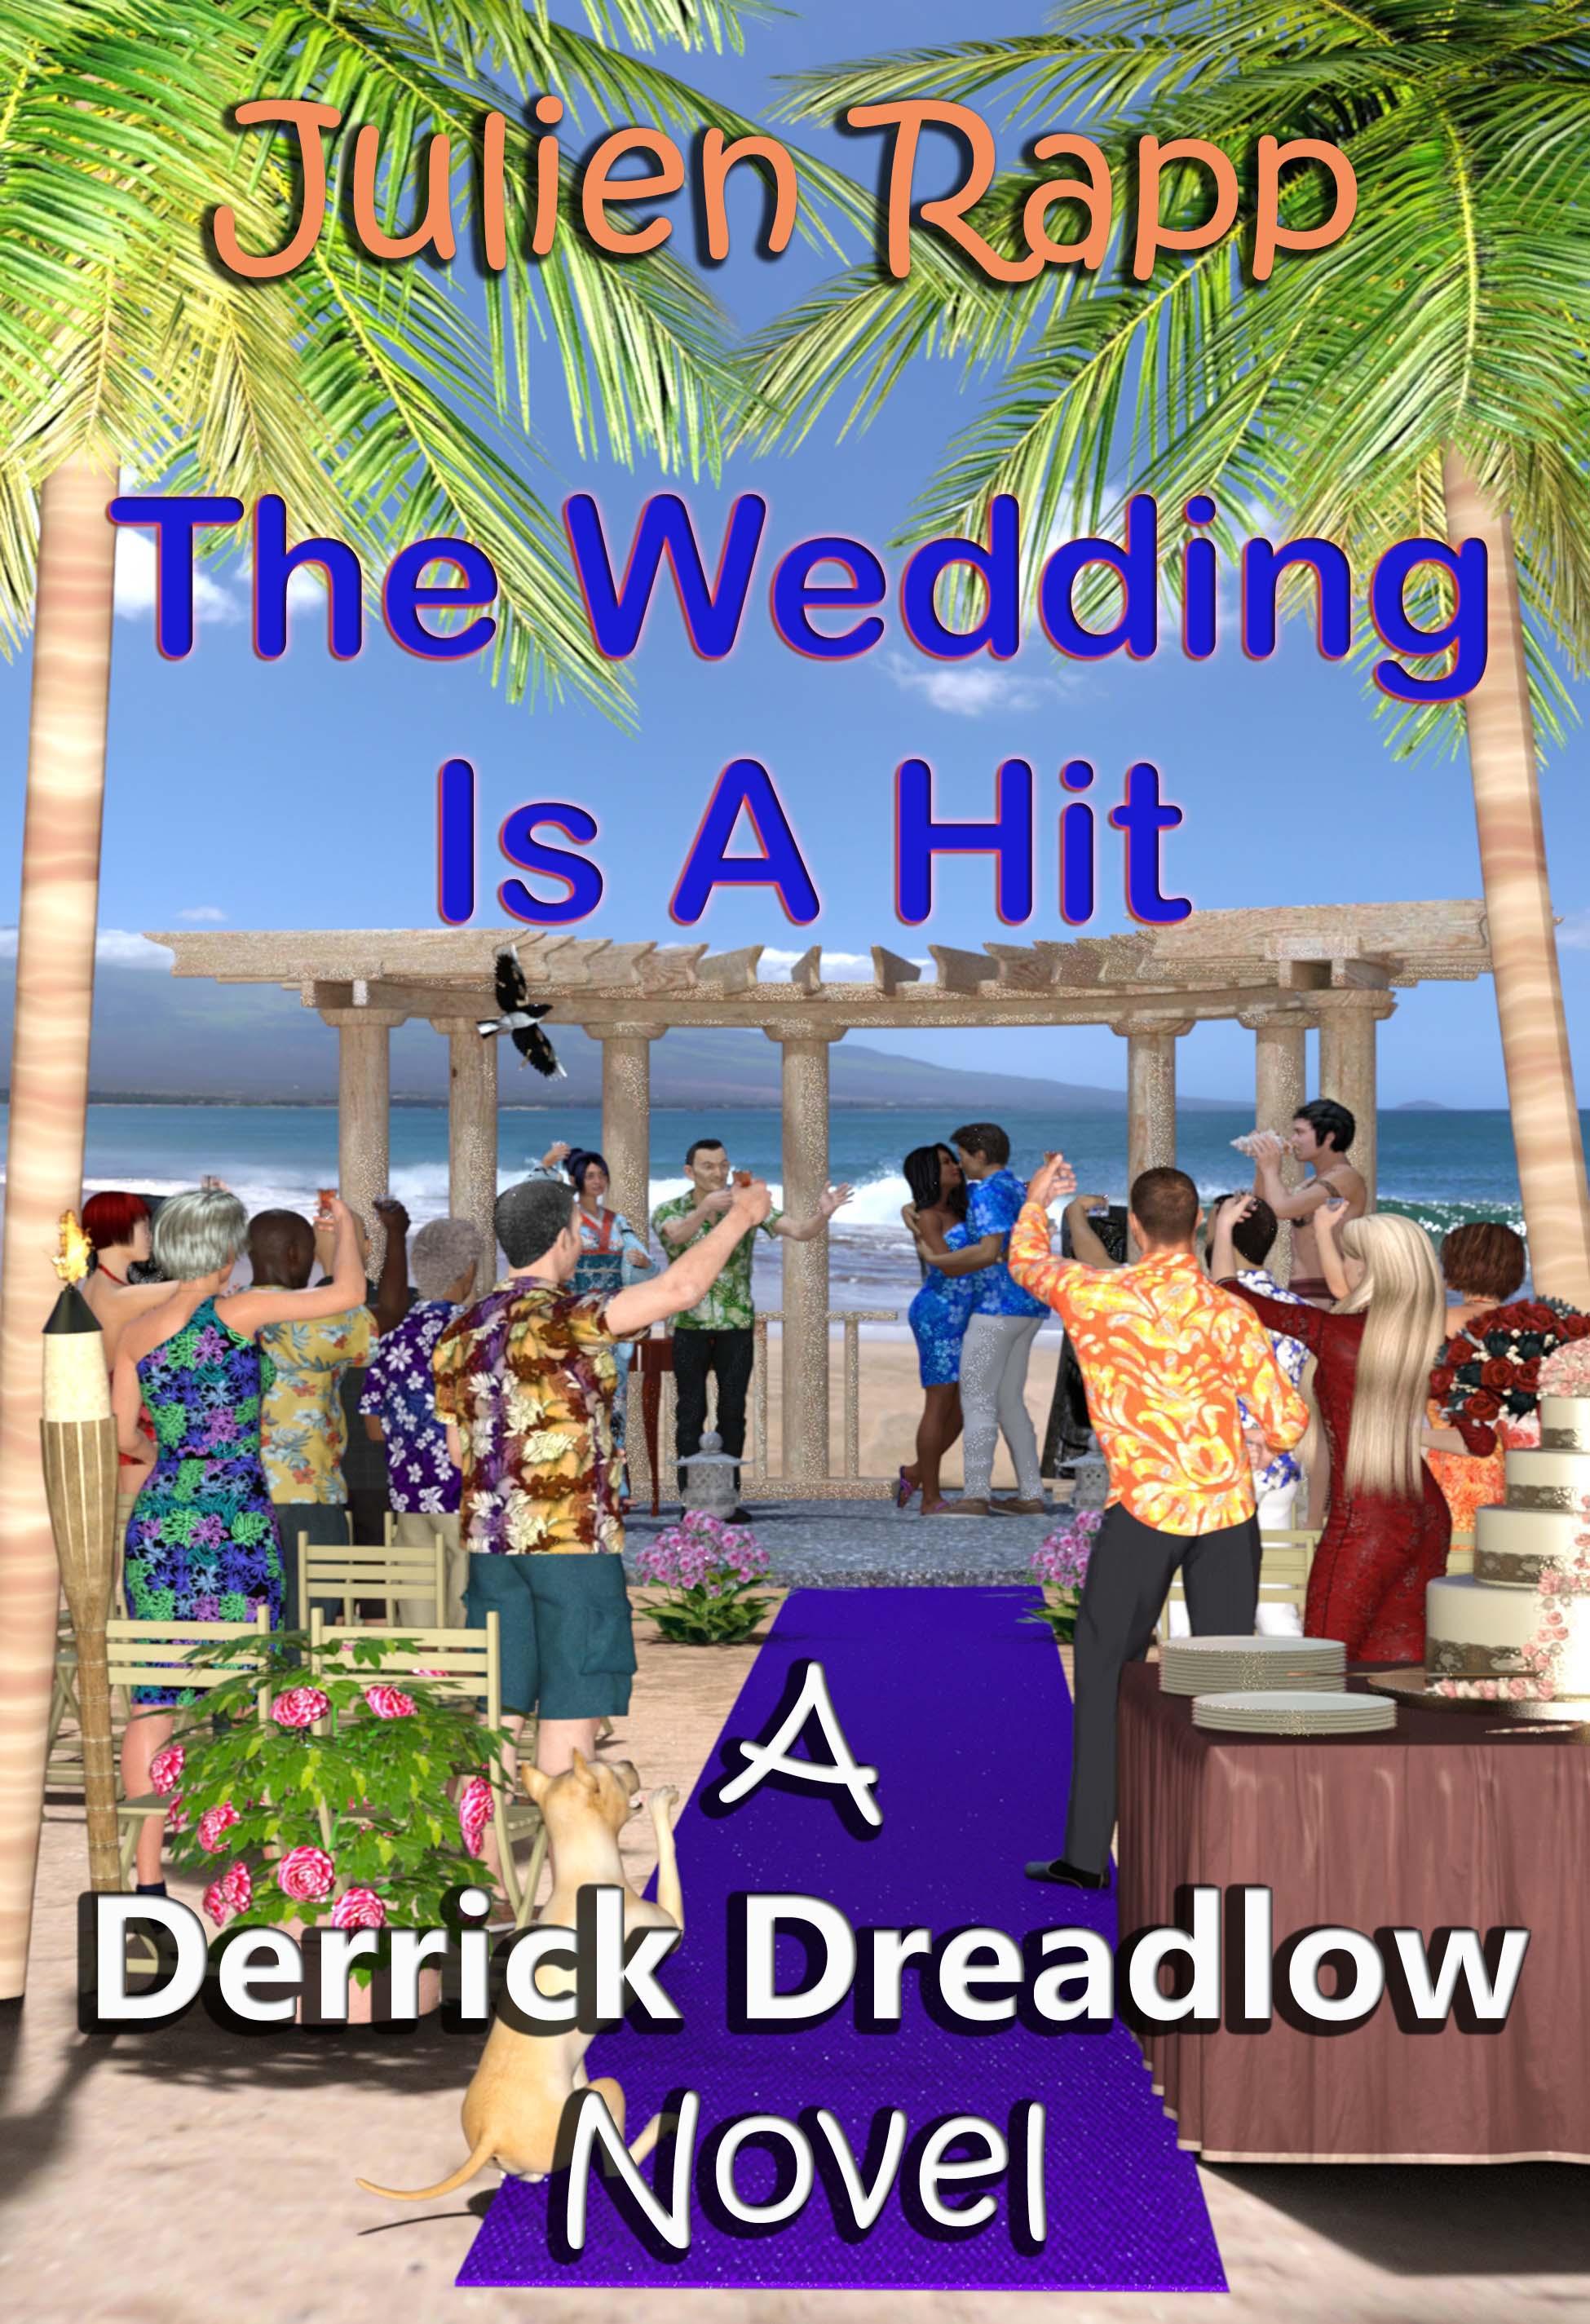 Maui Wedding Cover v12 v2d